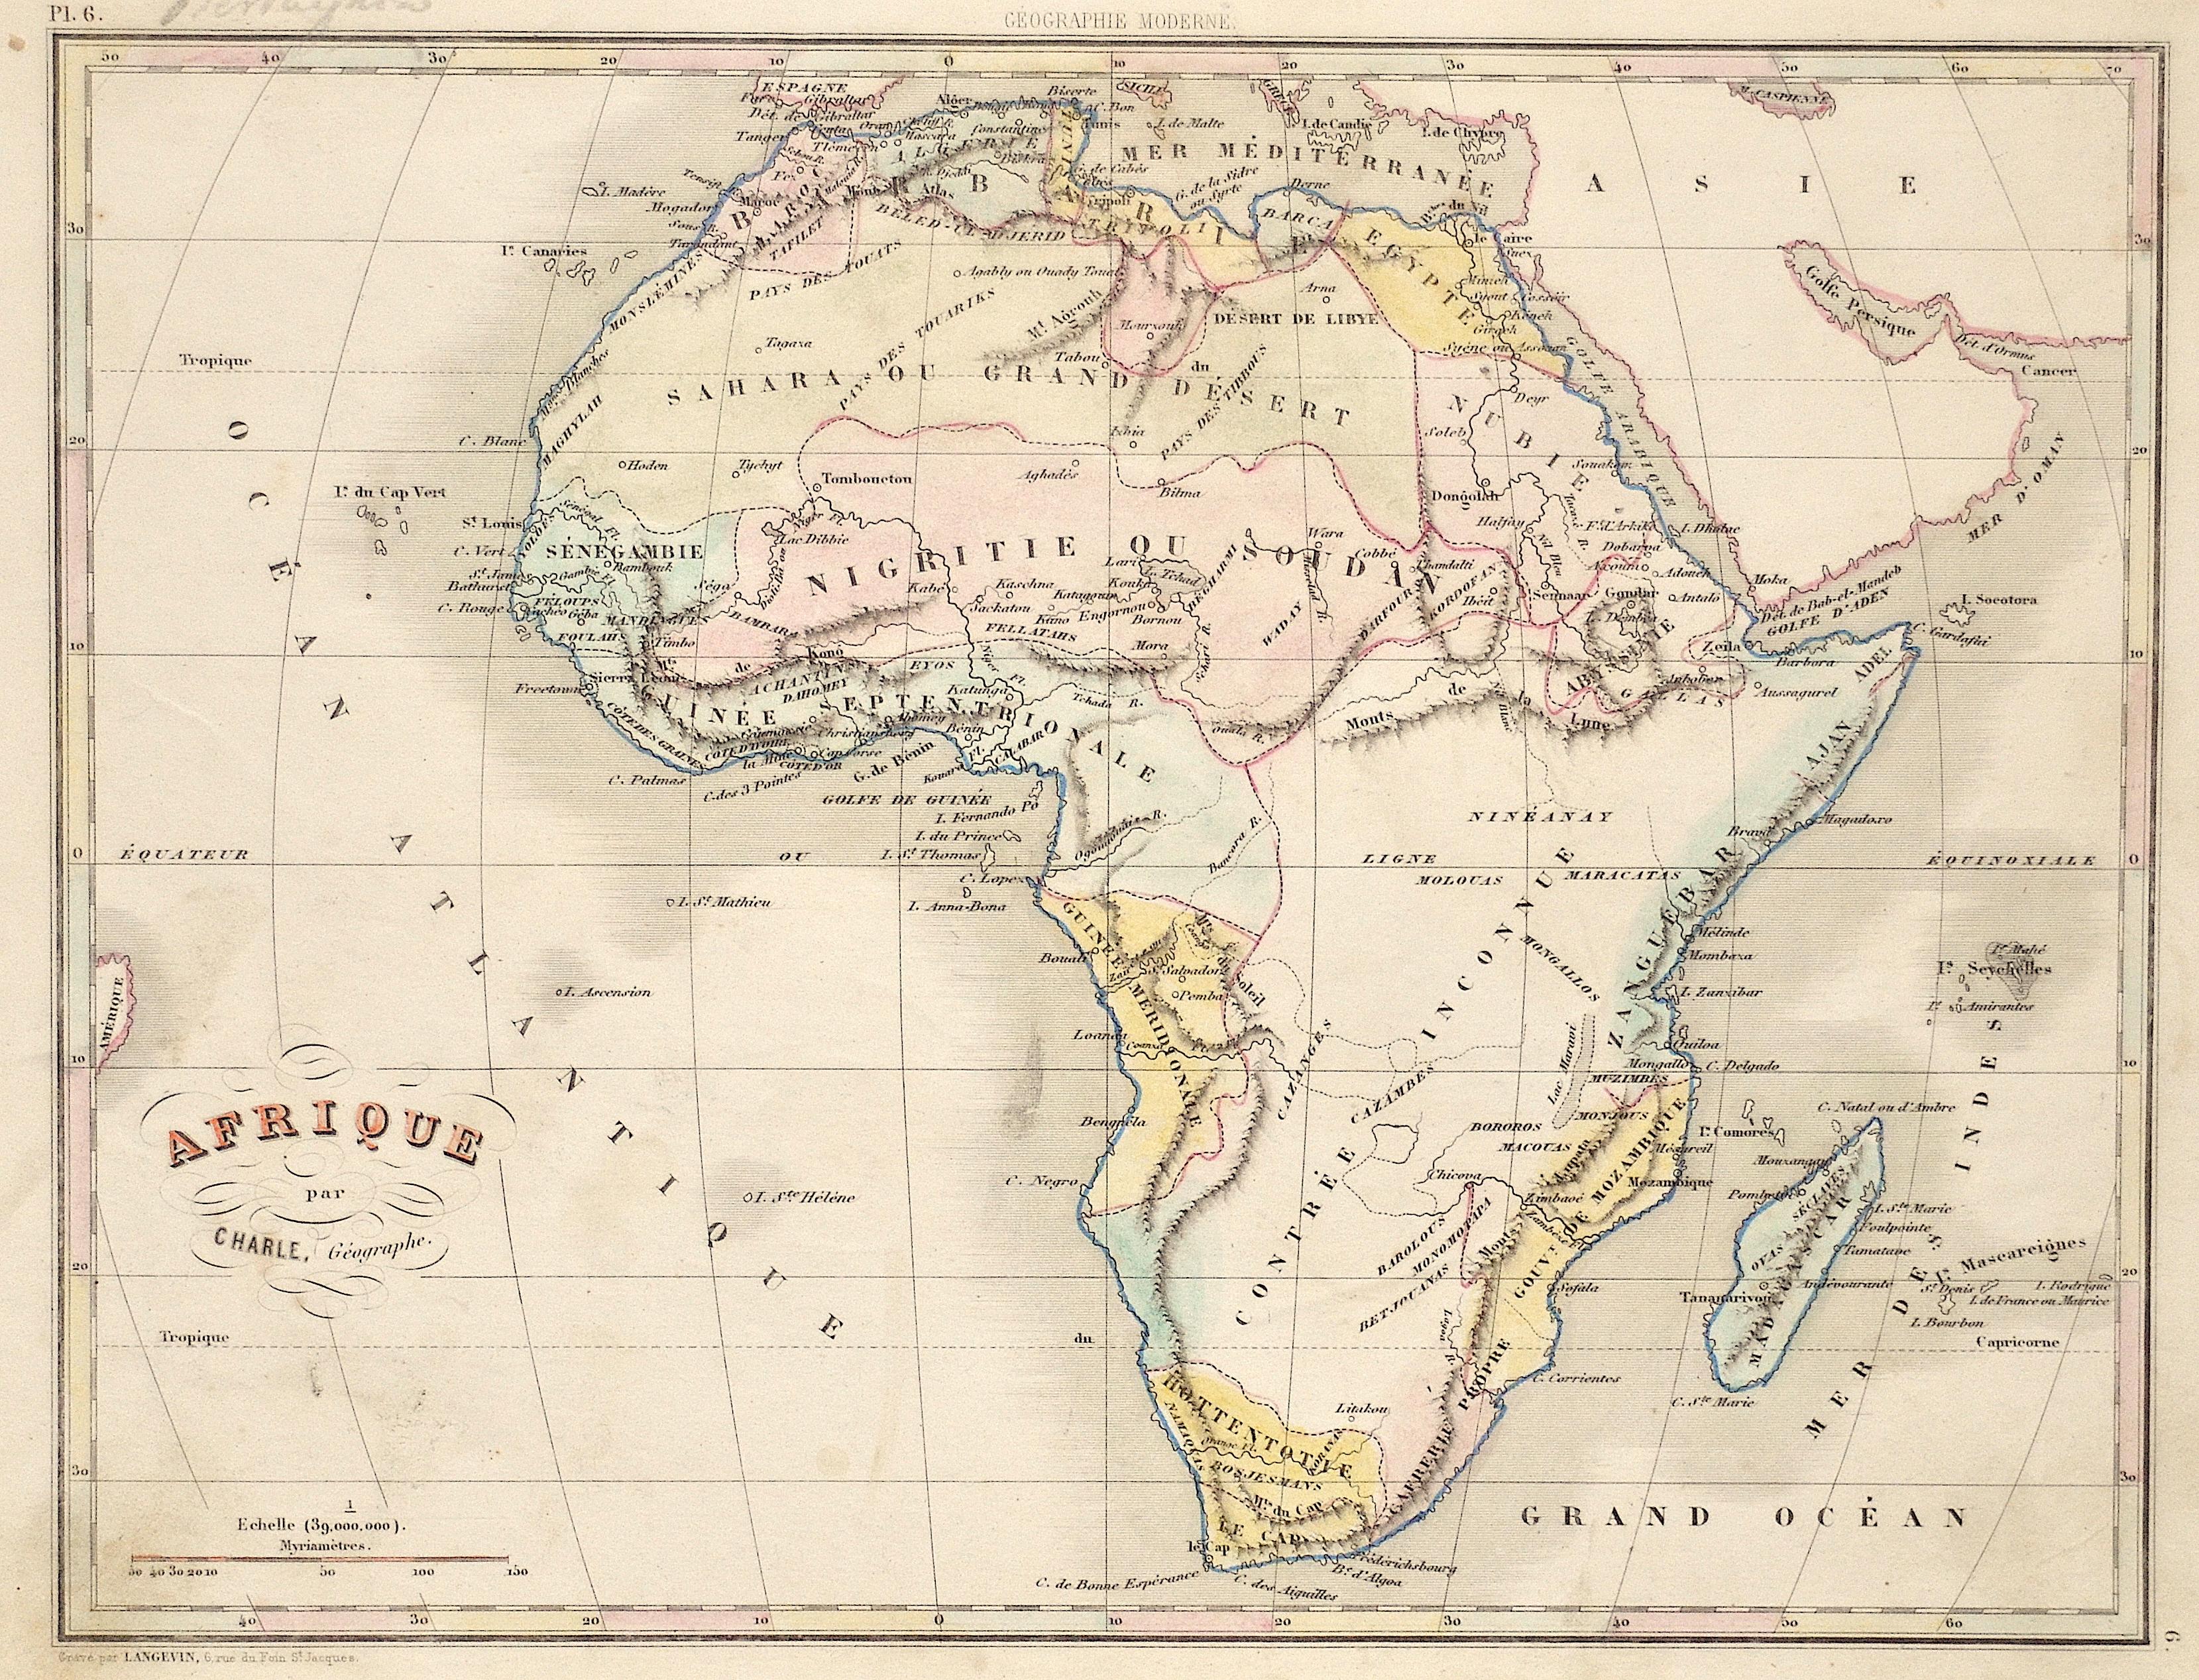 Langevin  Afrique par Charle, Gégraphe.